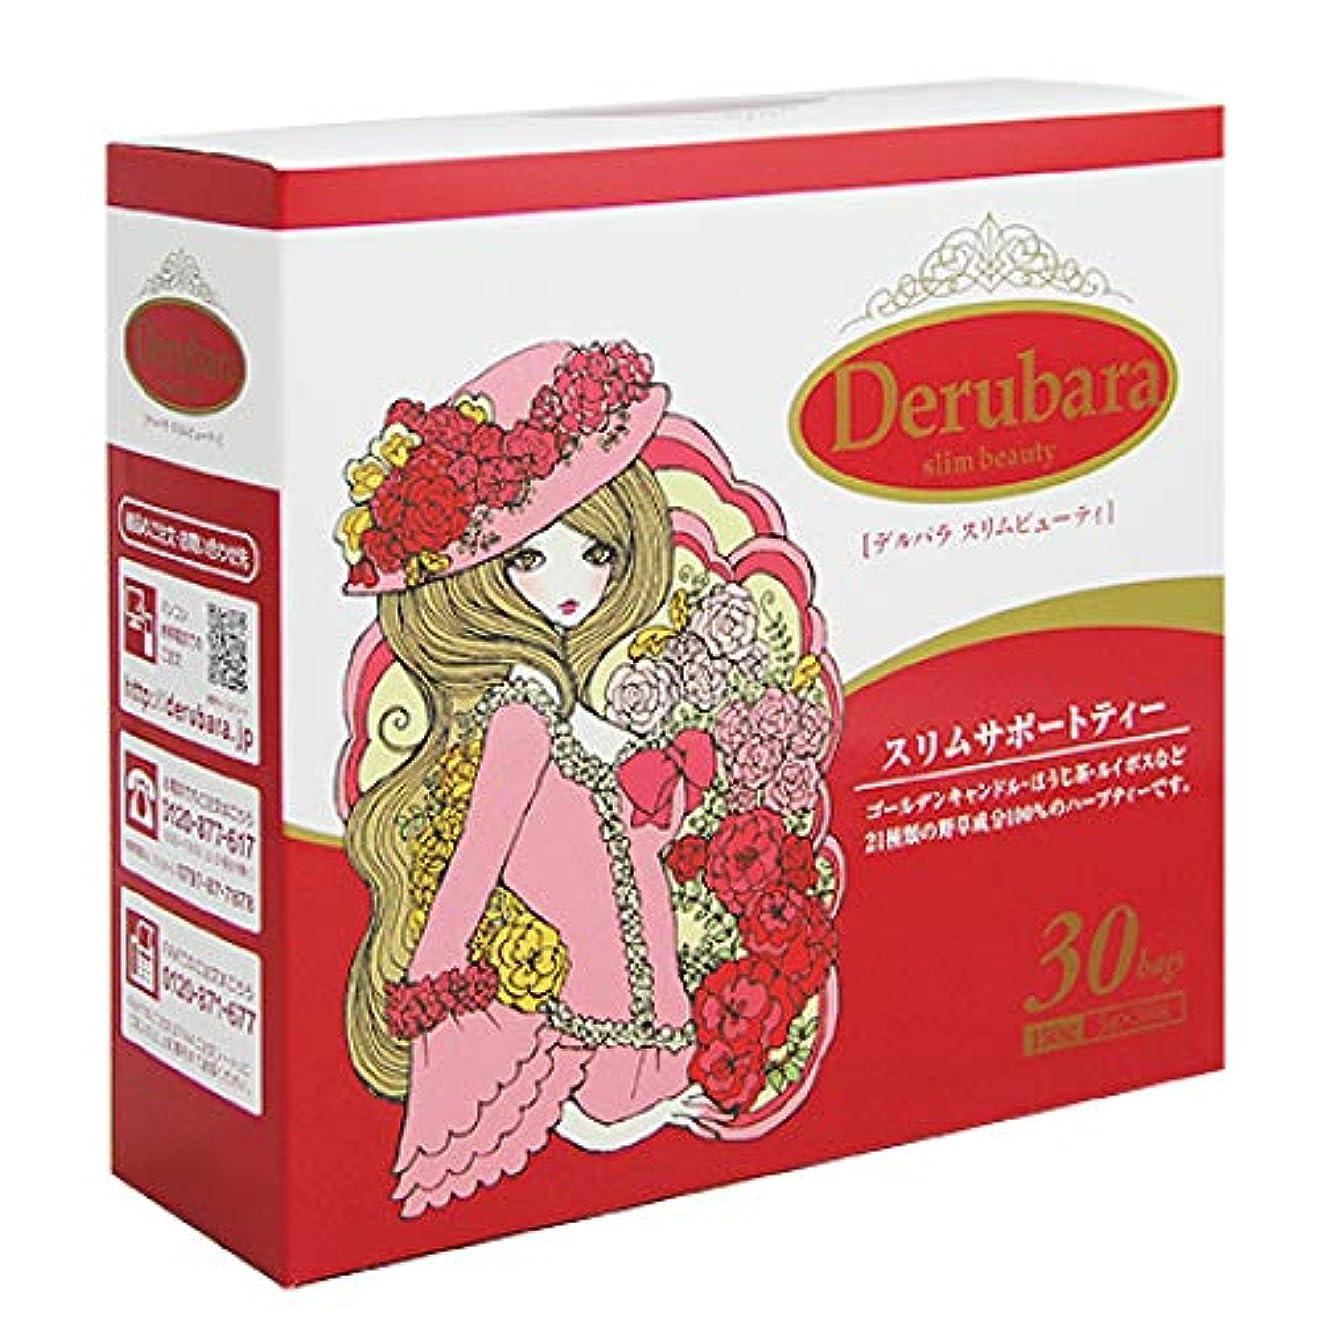 ダイアクリティカル十一木デルバラスリムビューティ 2箱セット (1包5g×30包入)×2箱 朝スッキリ! キャンドルブッシュ お茶